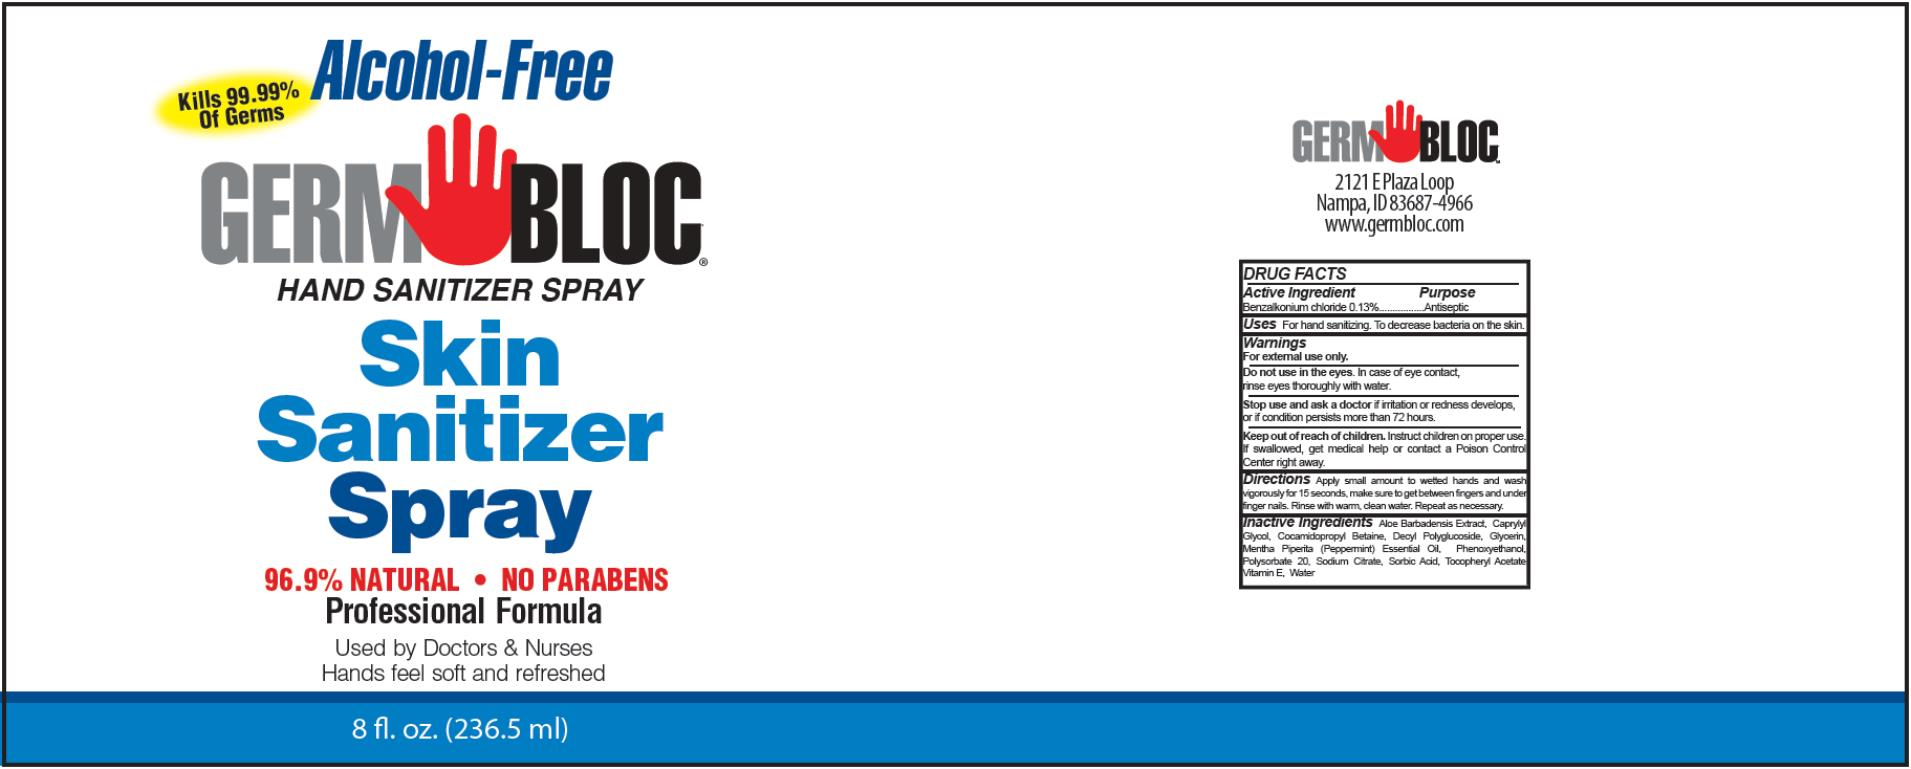 Germ Bloc Hand Sanitizer (Benzalkonium Chloride) Spray [Willspeed Technologies Llc]